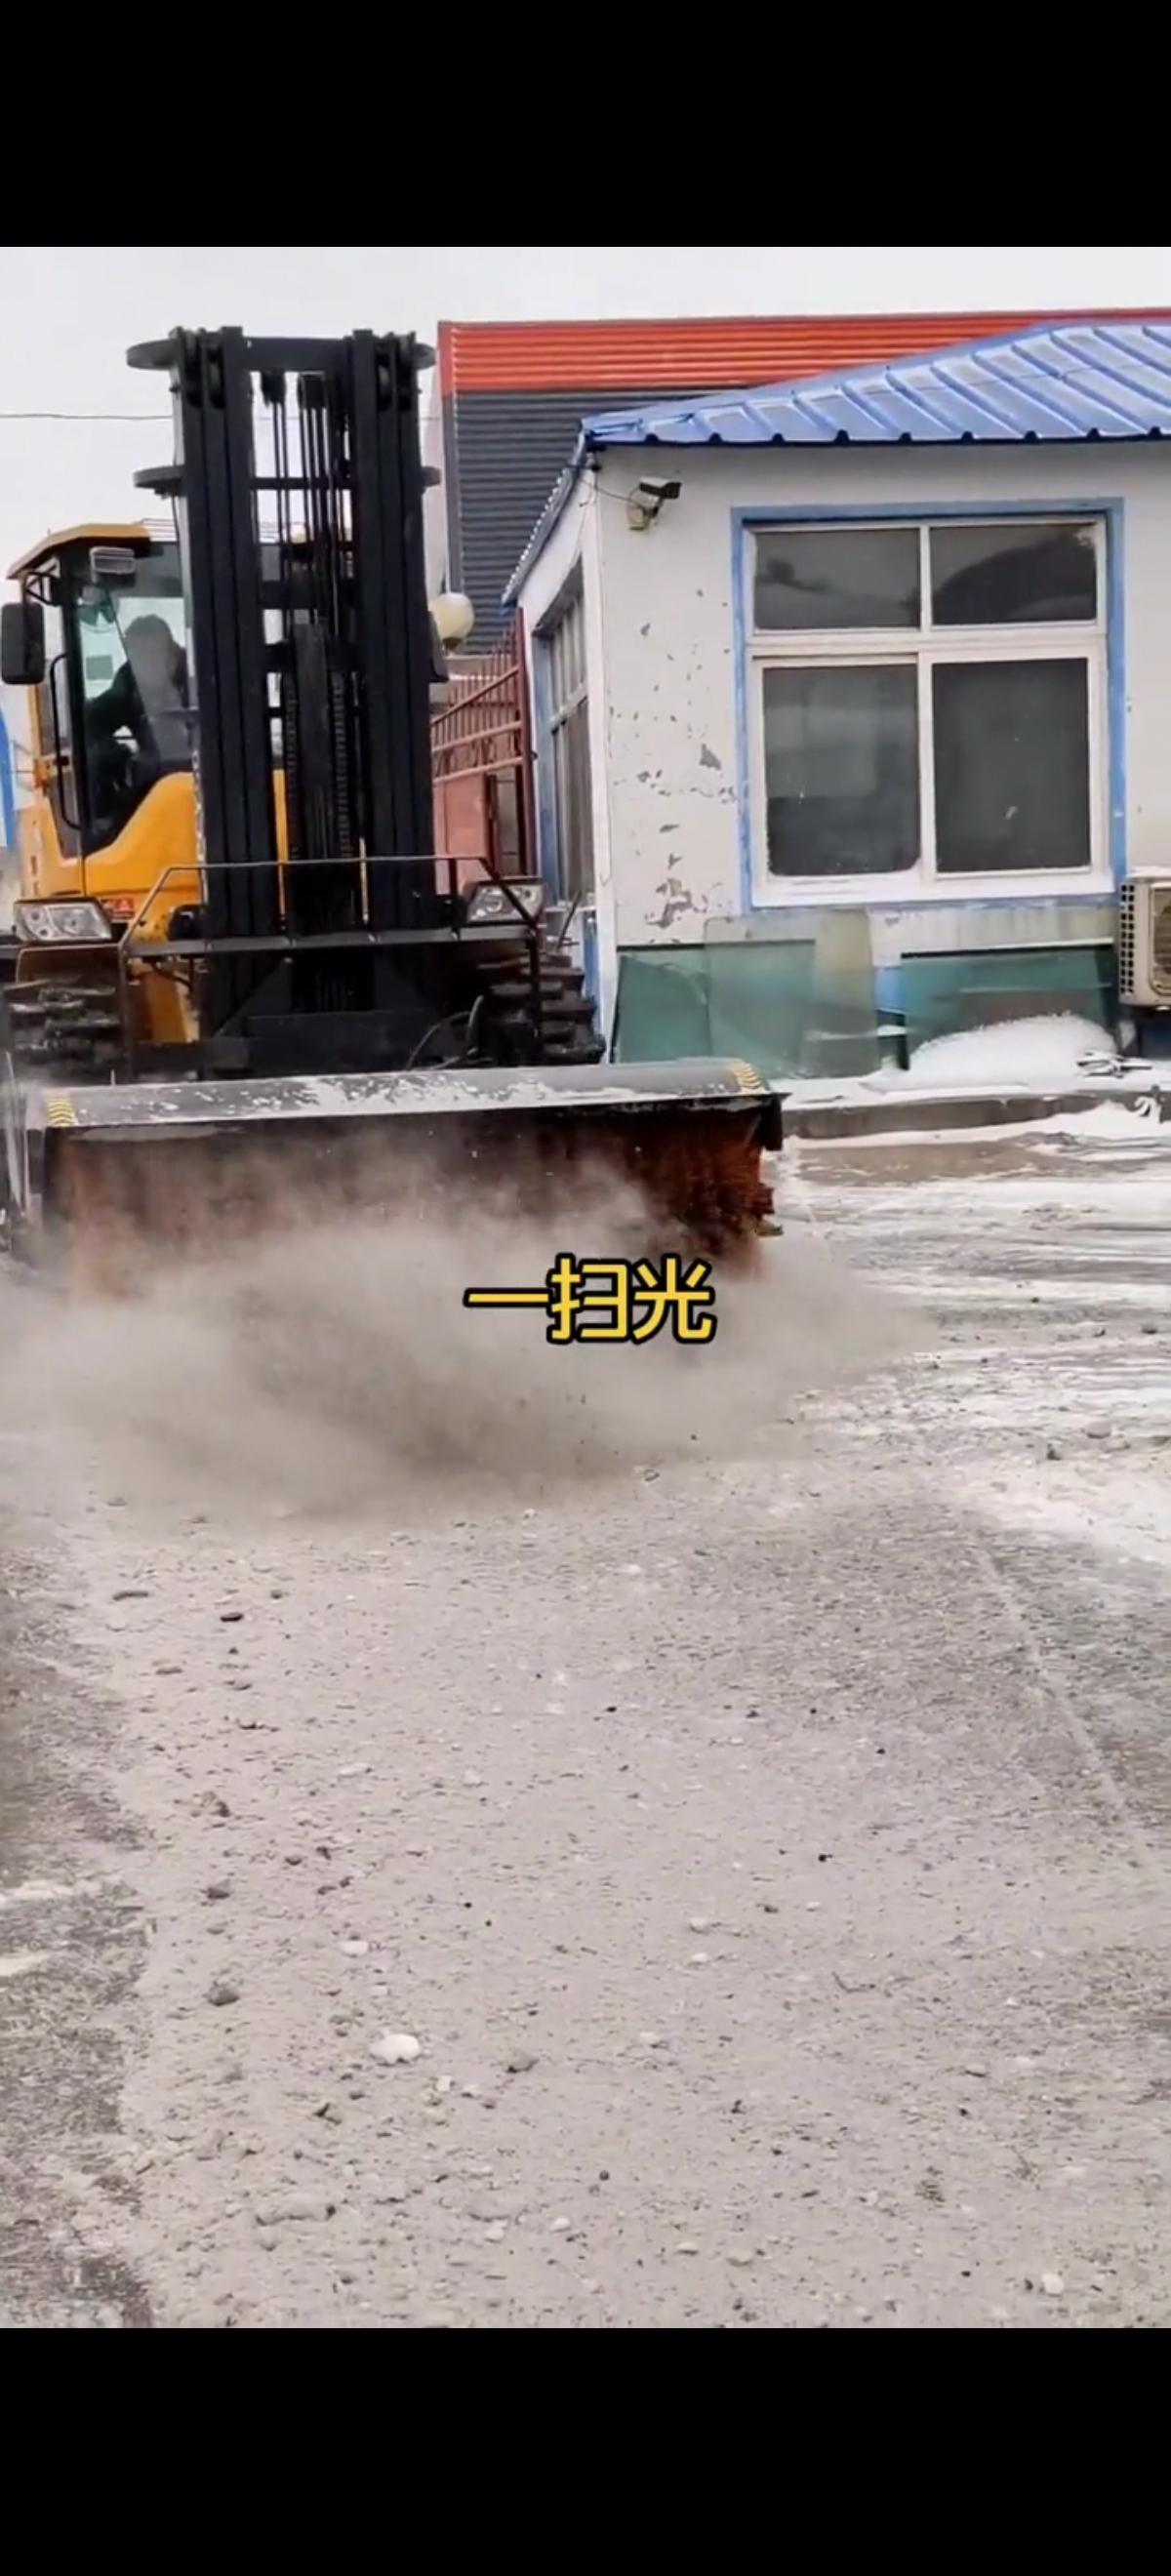 大雪叉车扫雪机一扫光视频